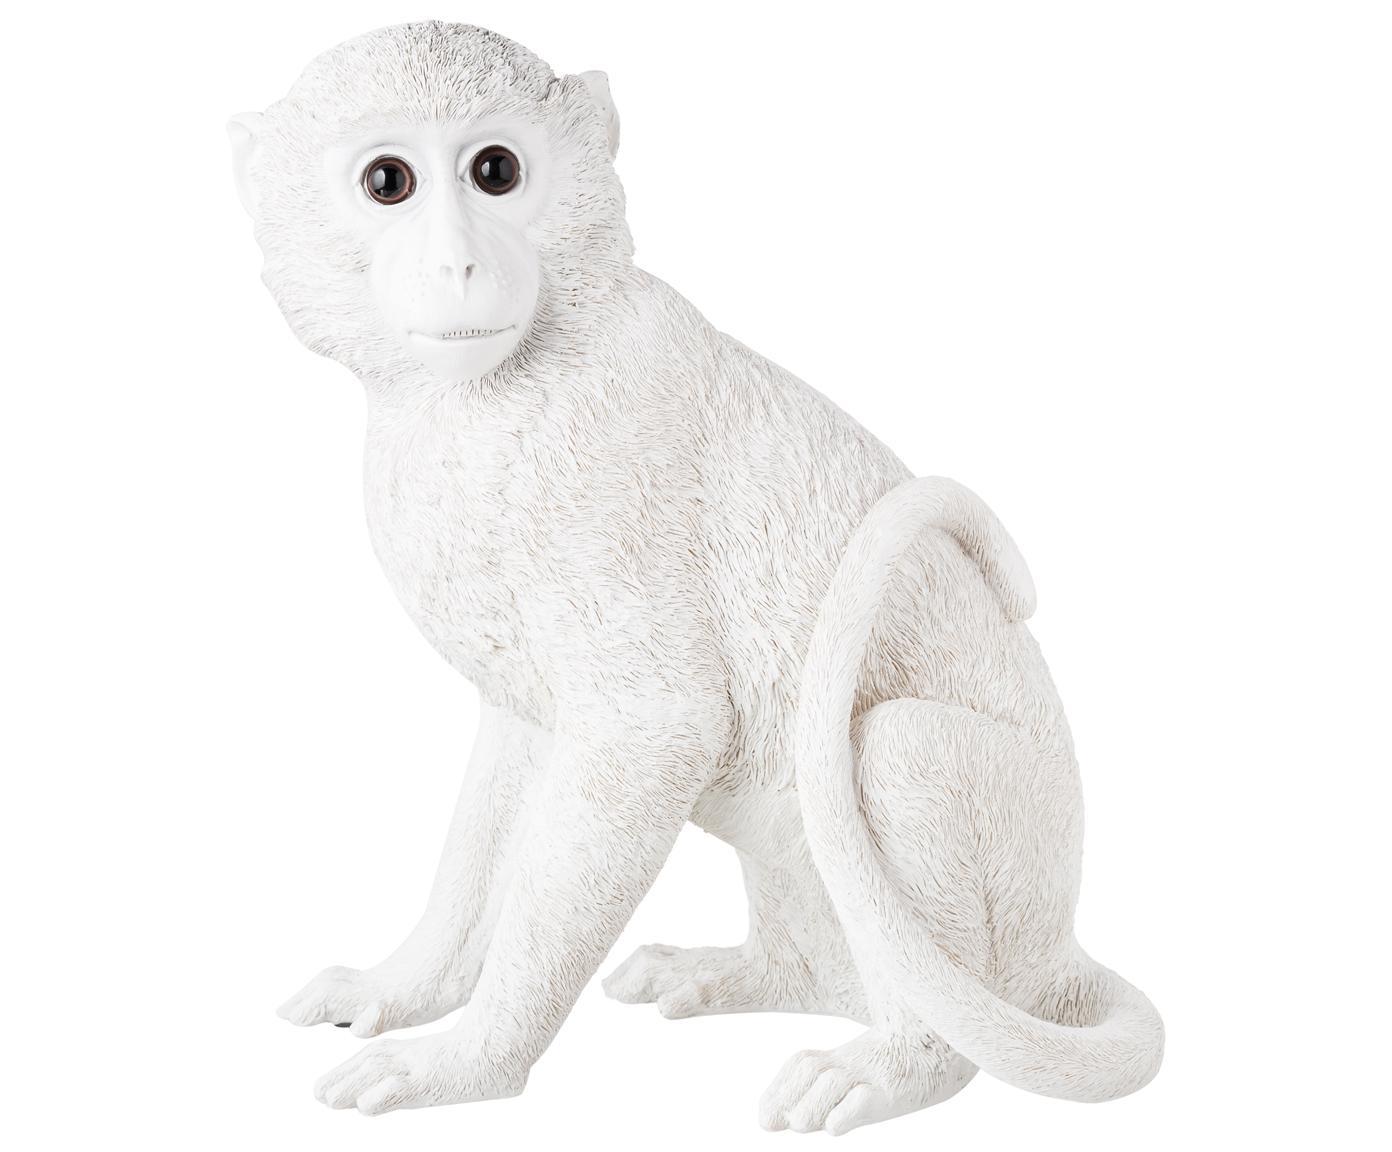 Spardose Monkey, Kunstharz, Weiß, 25 x 30 cm